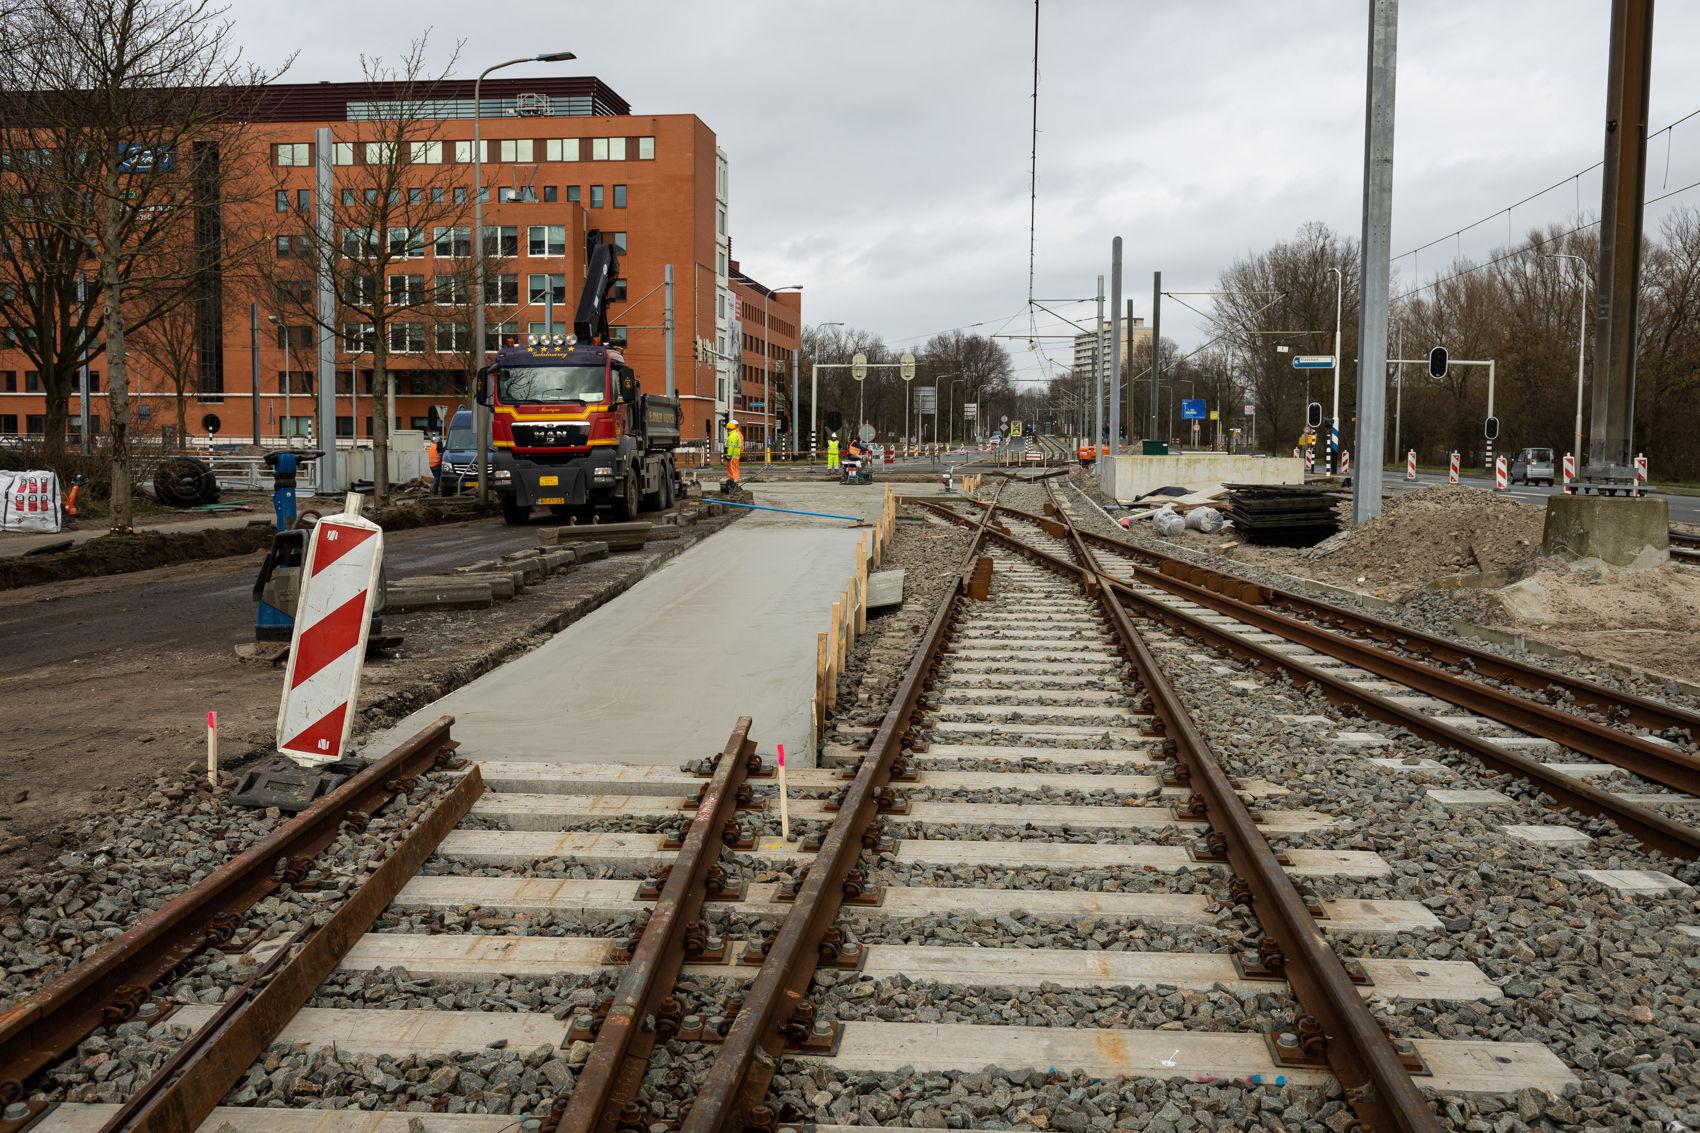 De aansluiting van de nieuwe boog op het huidige spoor richting Ouderkerkerlaan op zaterdag 15 februari.